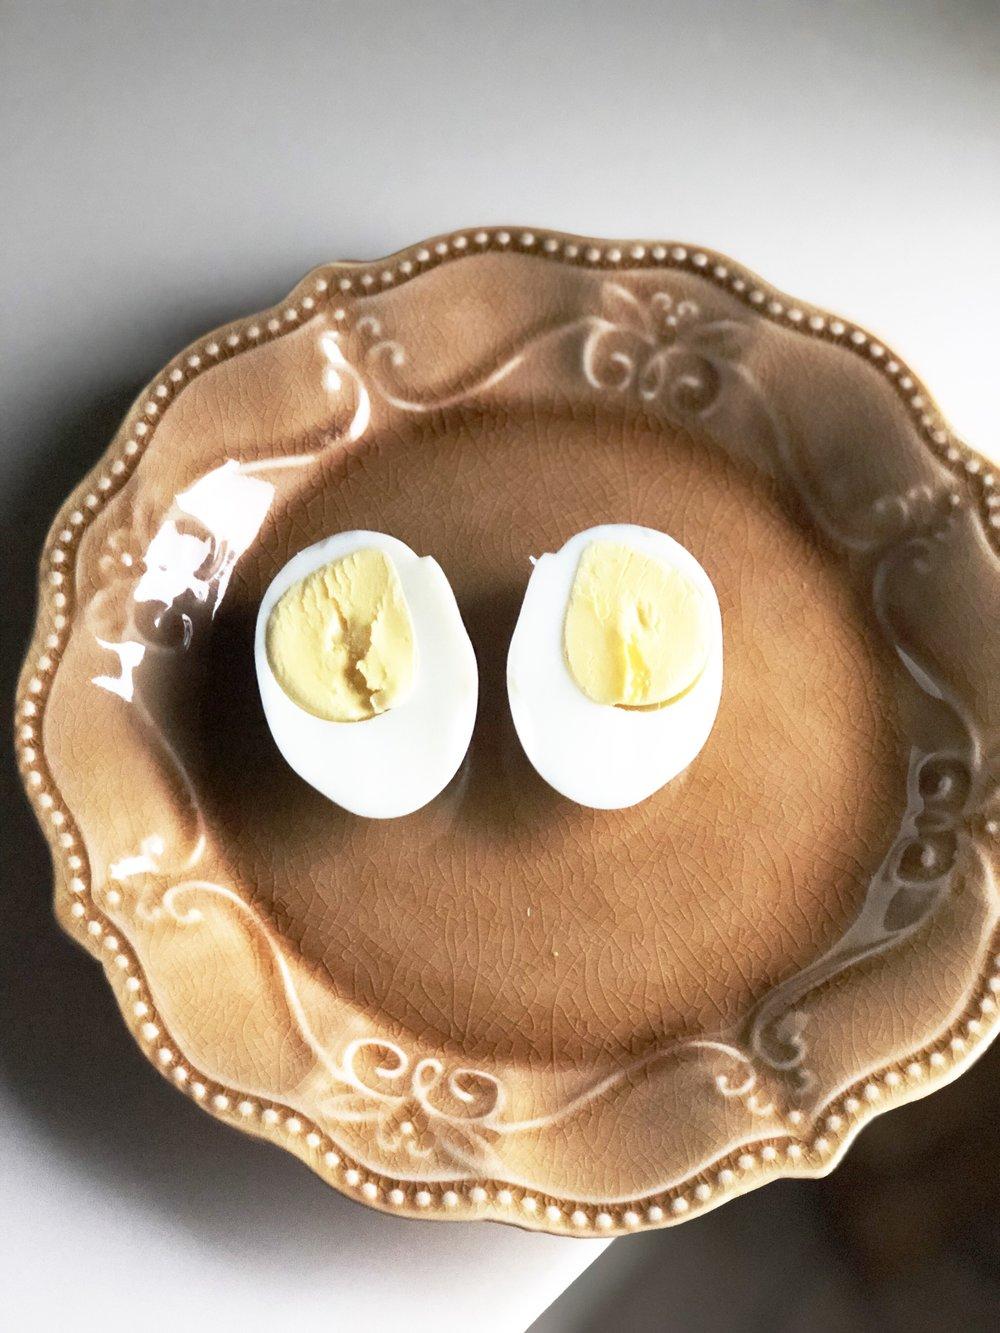 egg inside.JPG